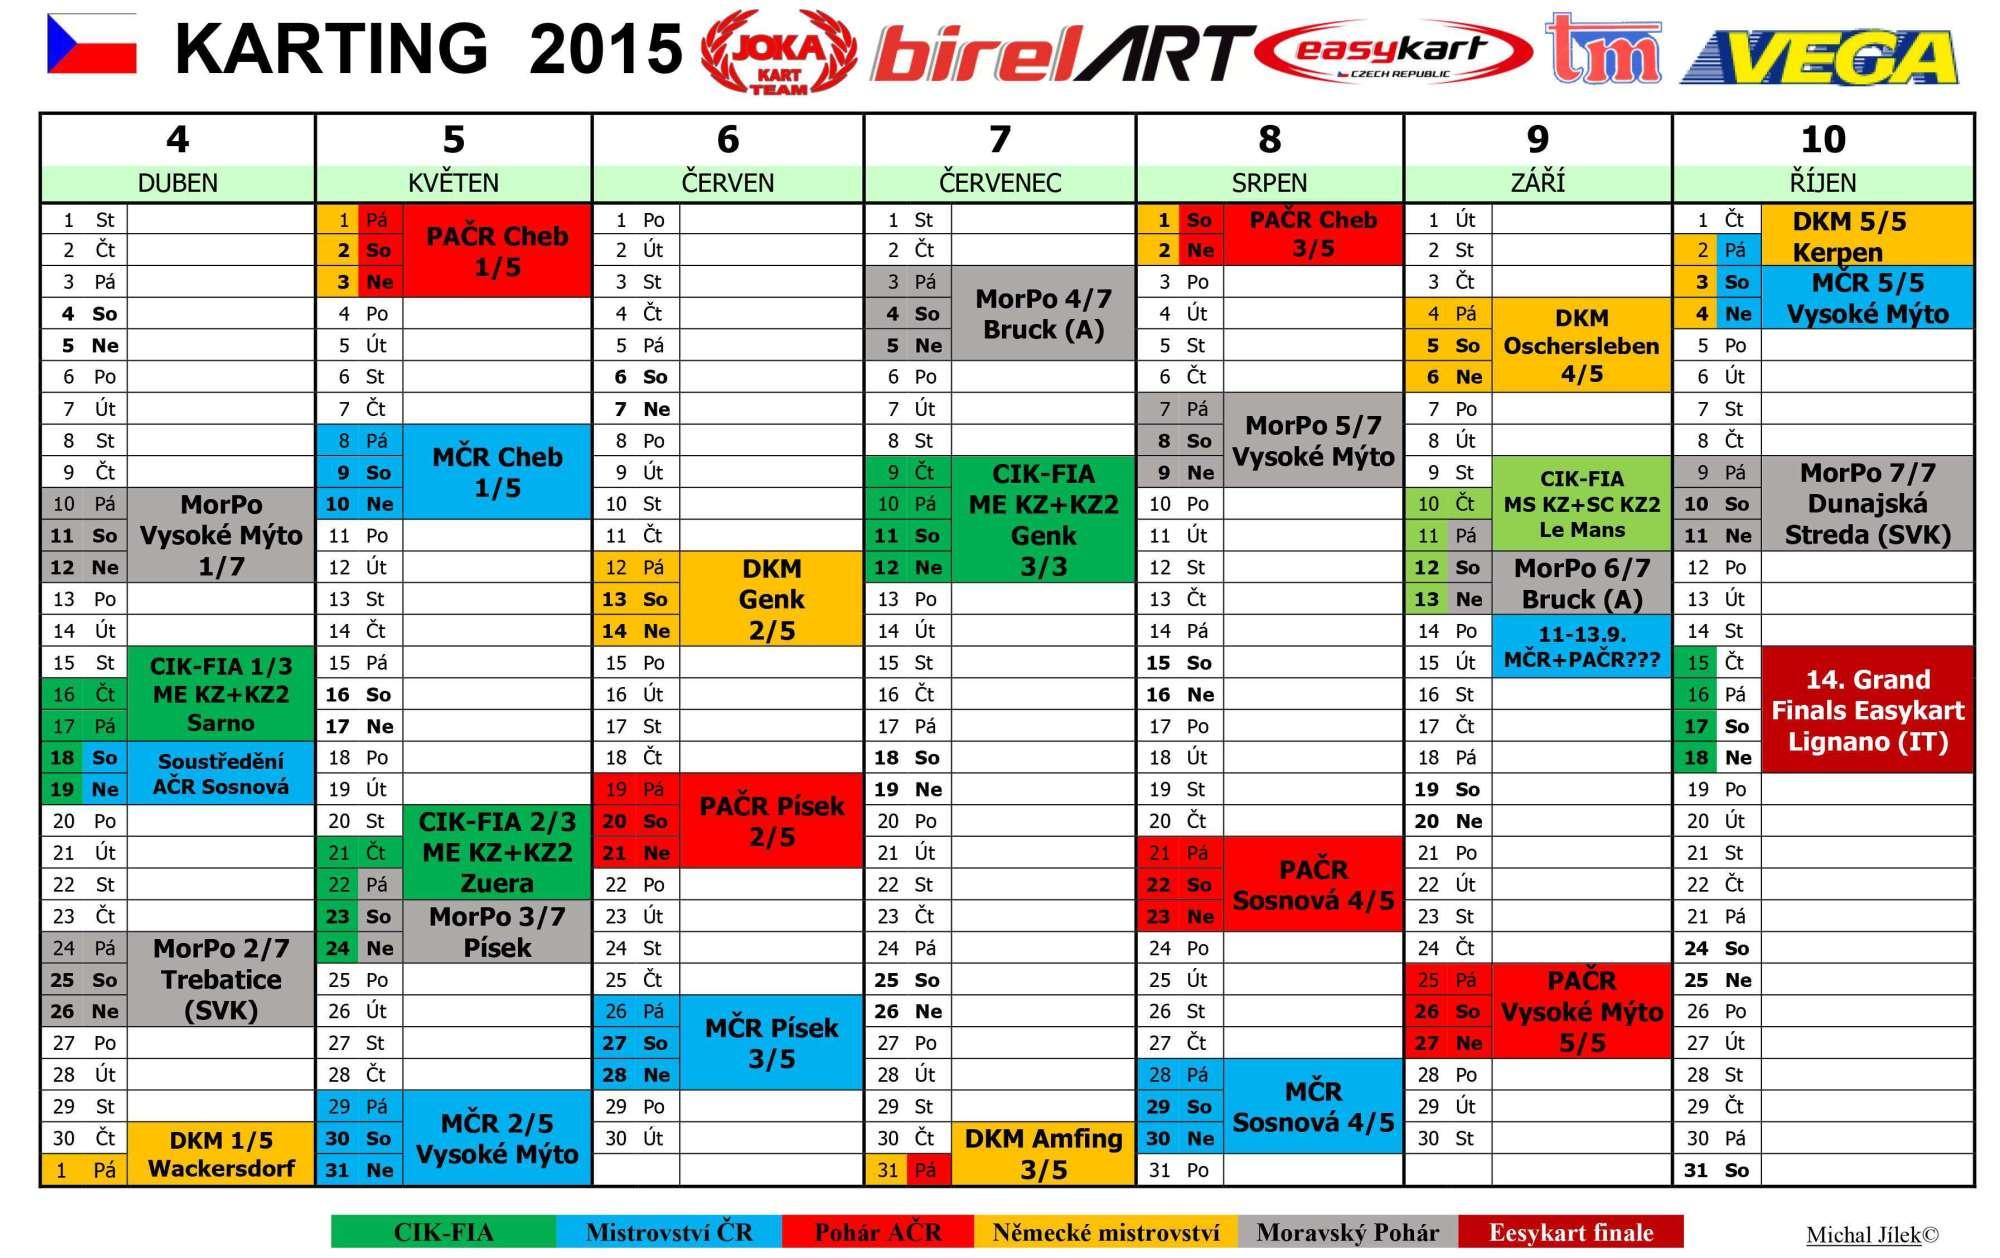 Kalendar2015JOKA1